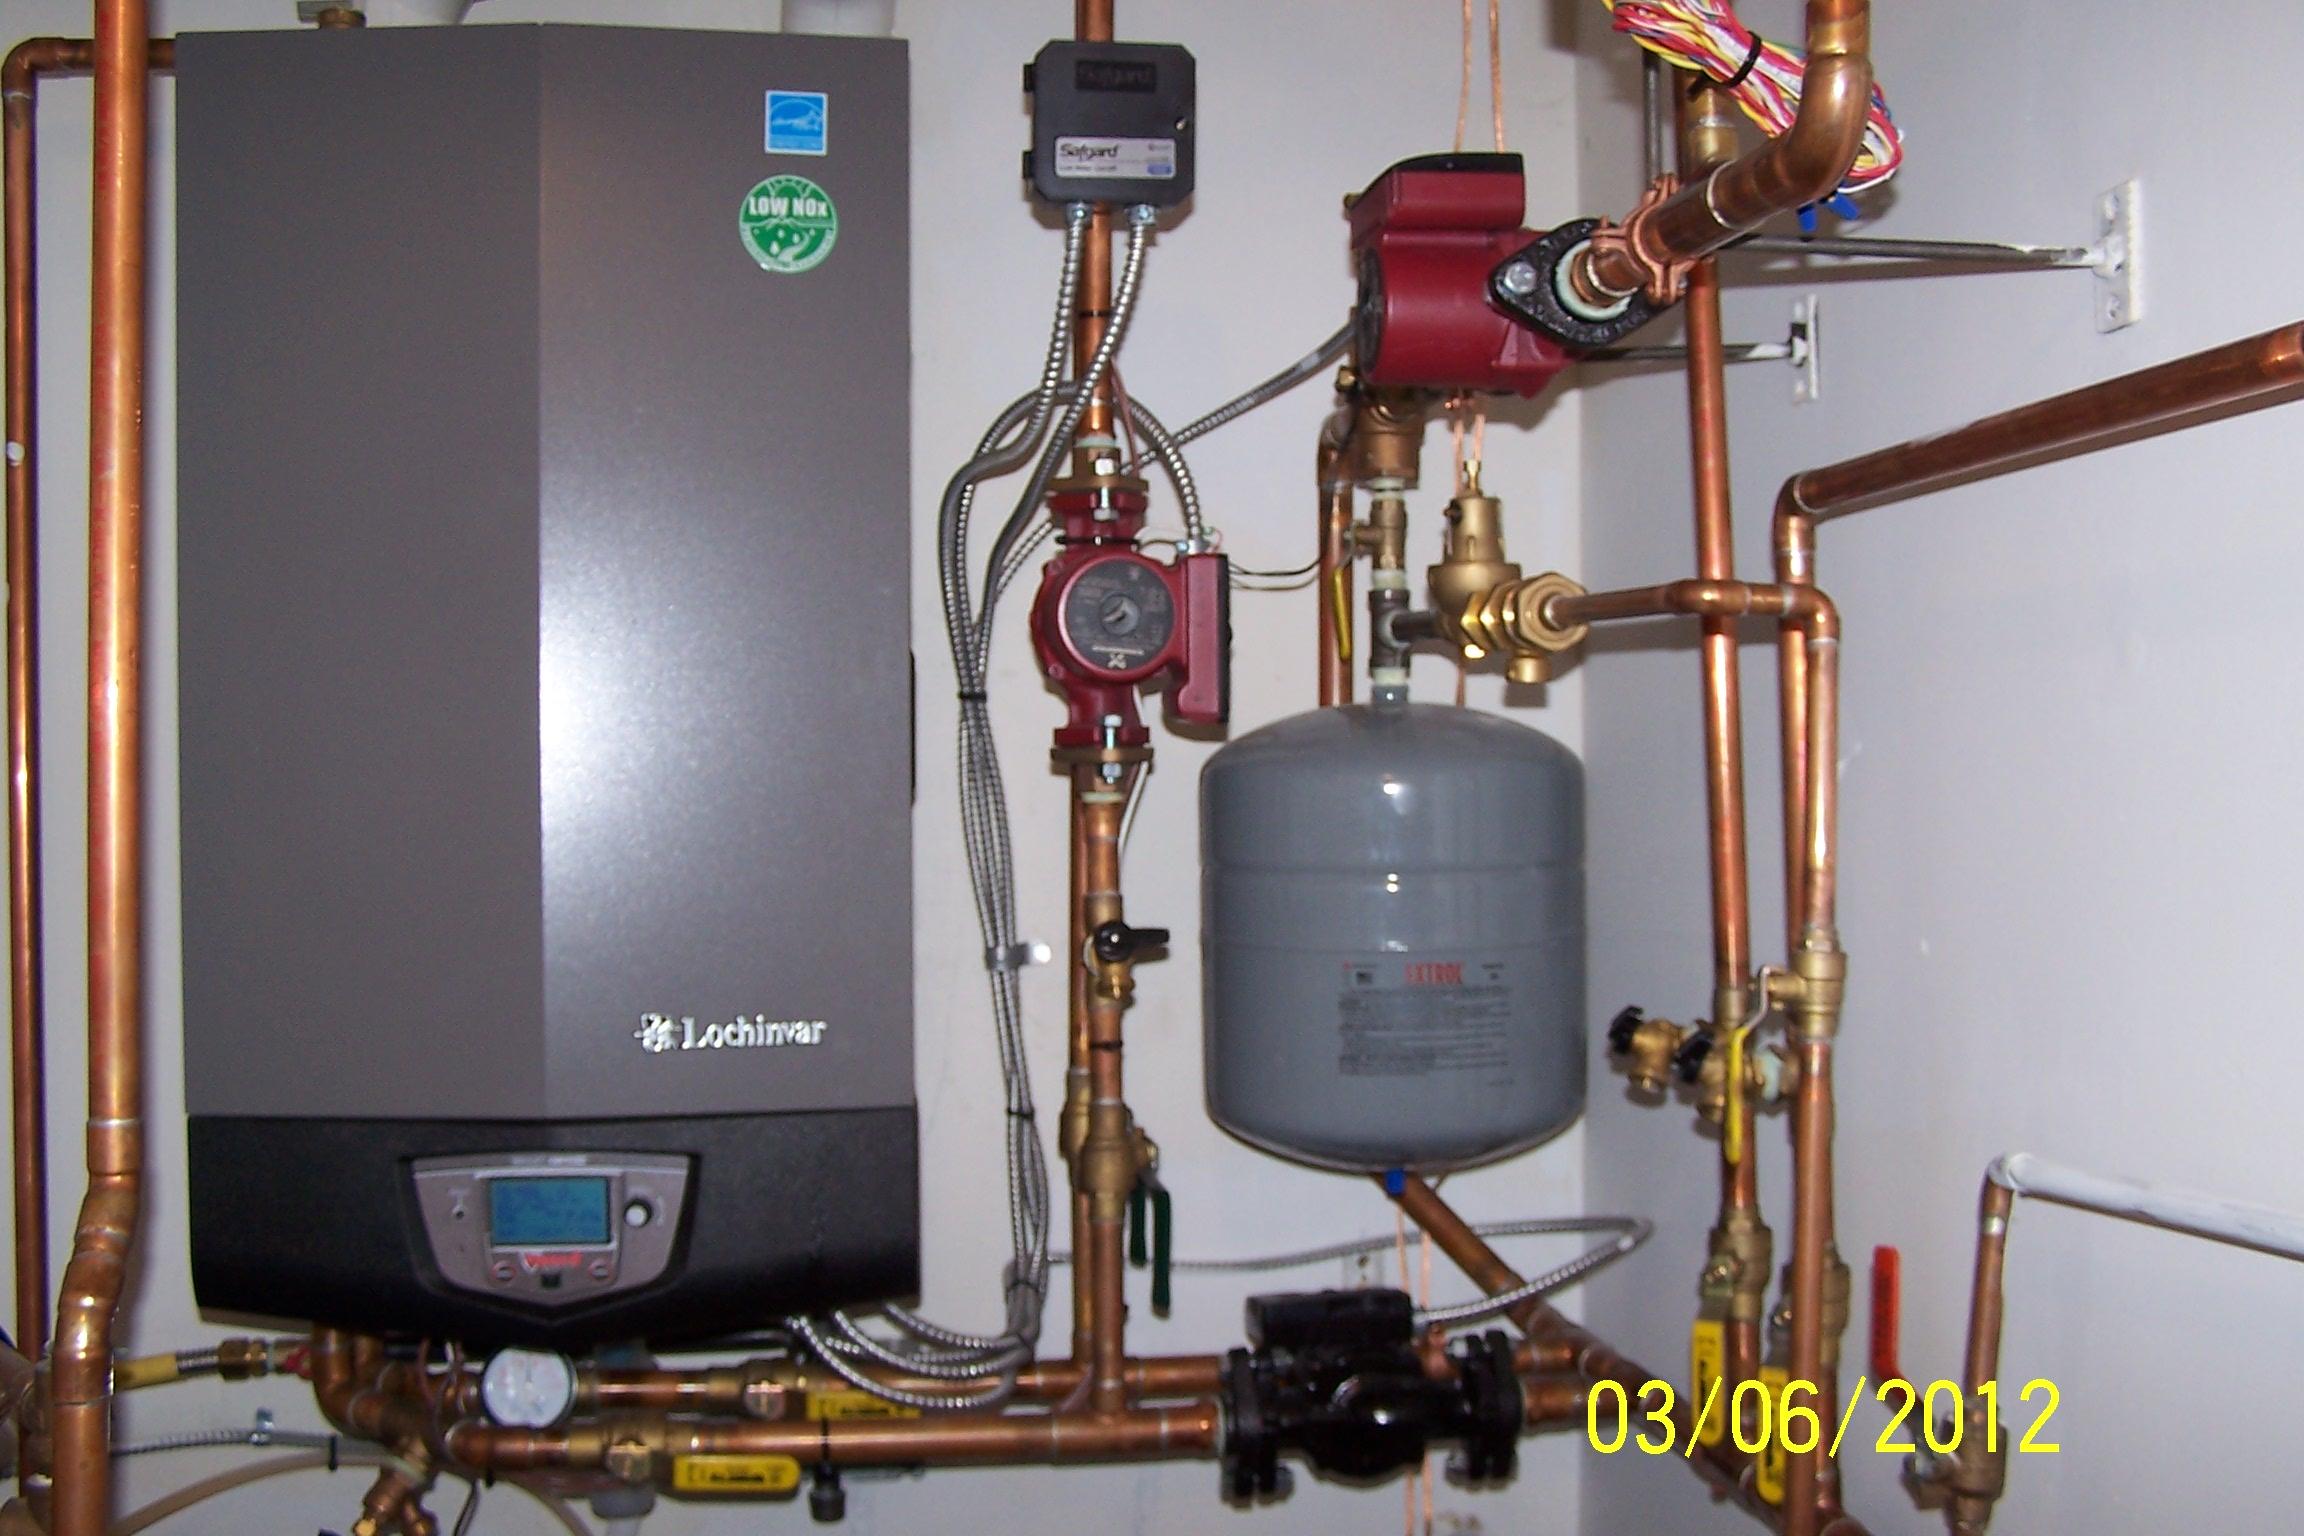 1008052jpg 0b - Lochinvar Water Heater